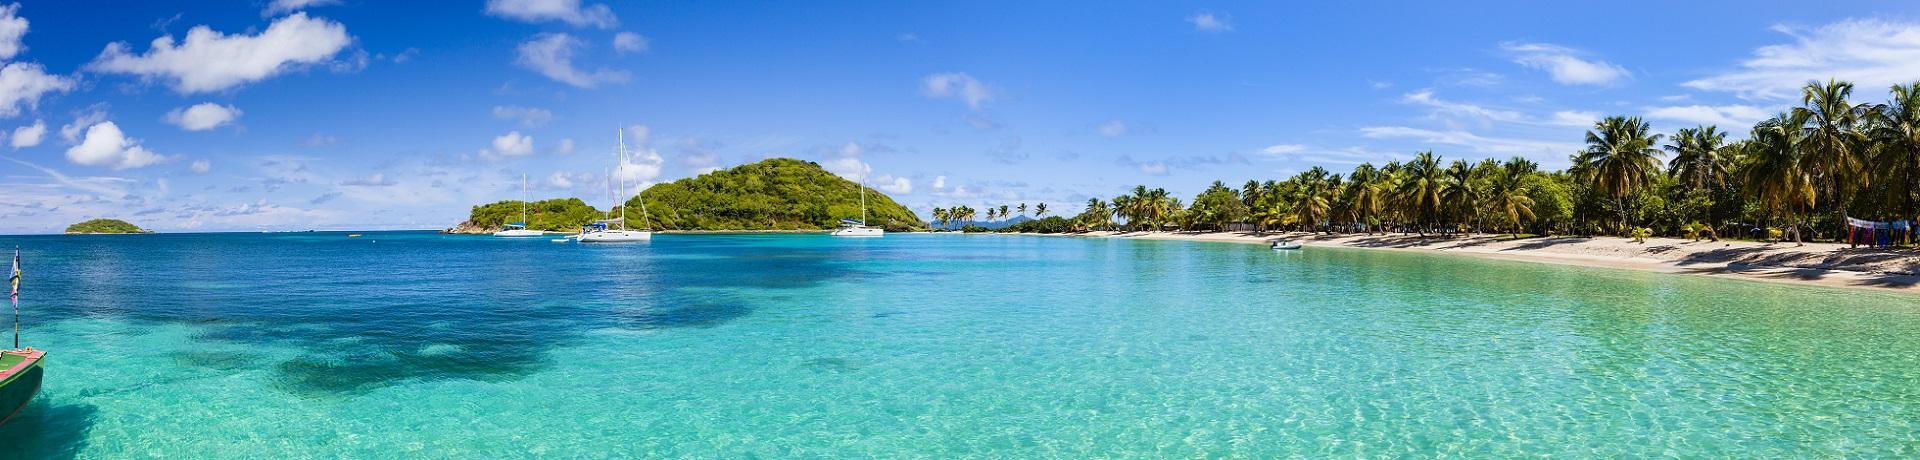 Karibik: Mayreau - Emotion